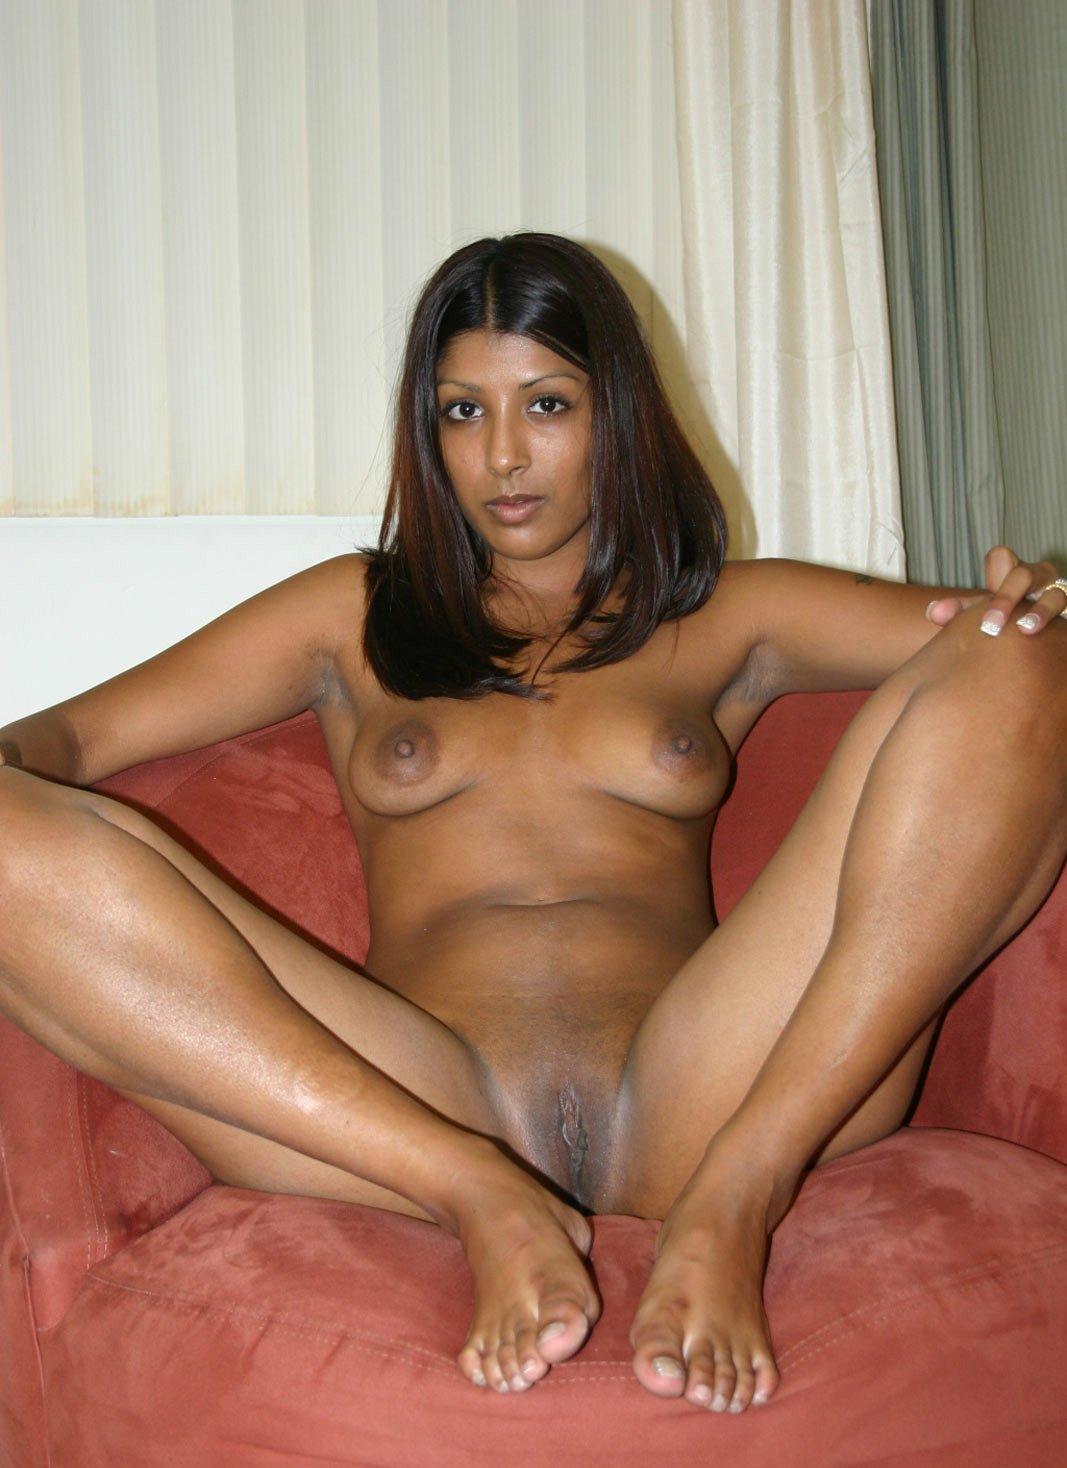 фото красивой пизды зрелой женщины